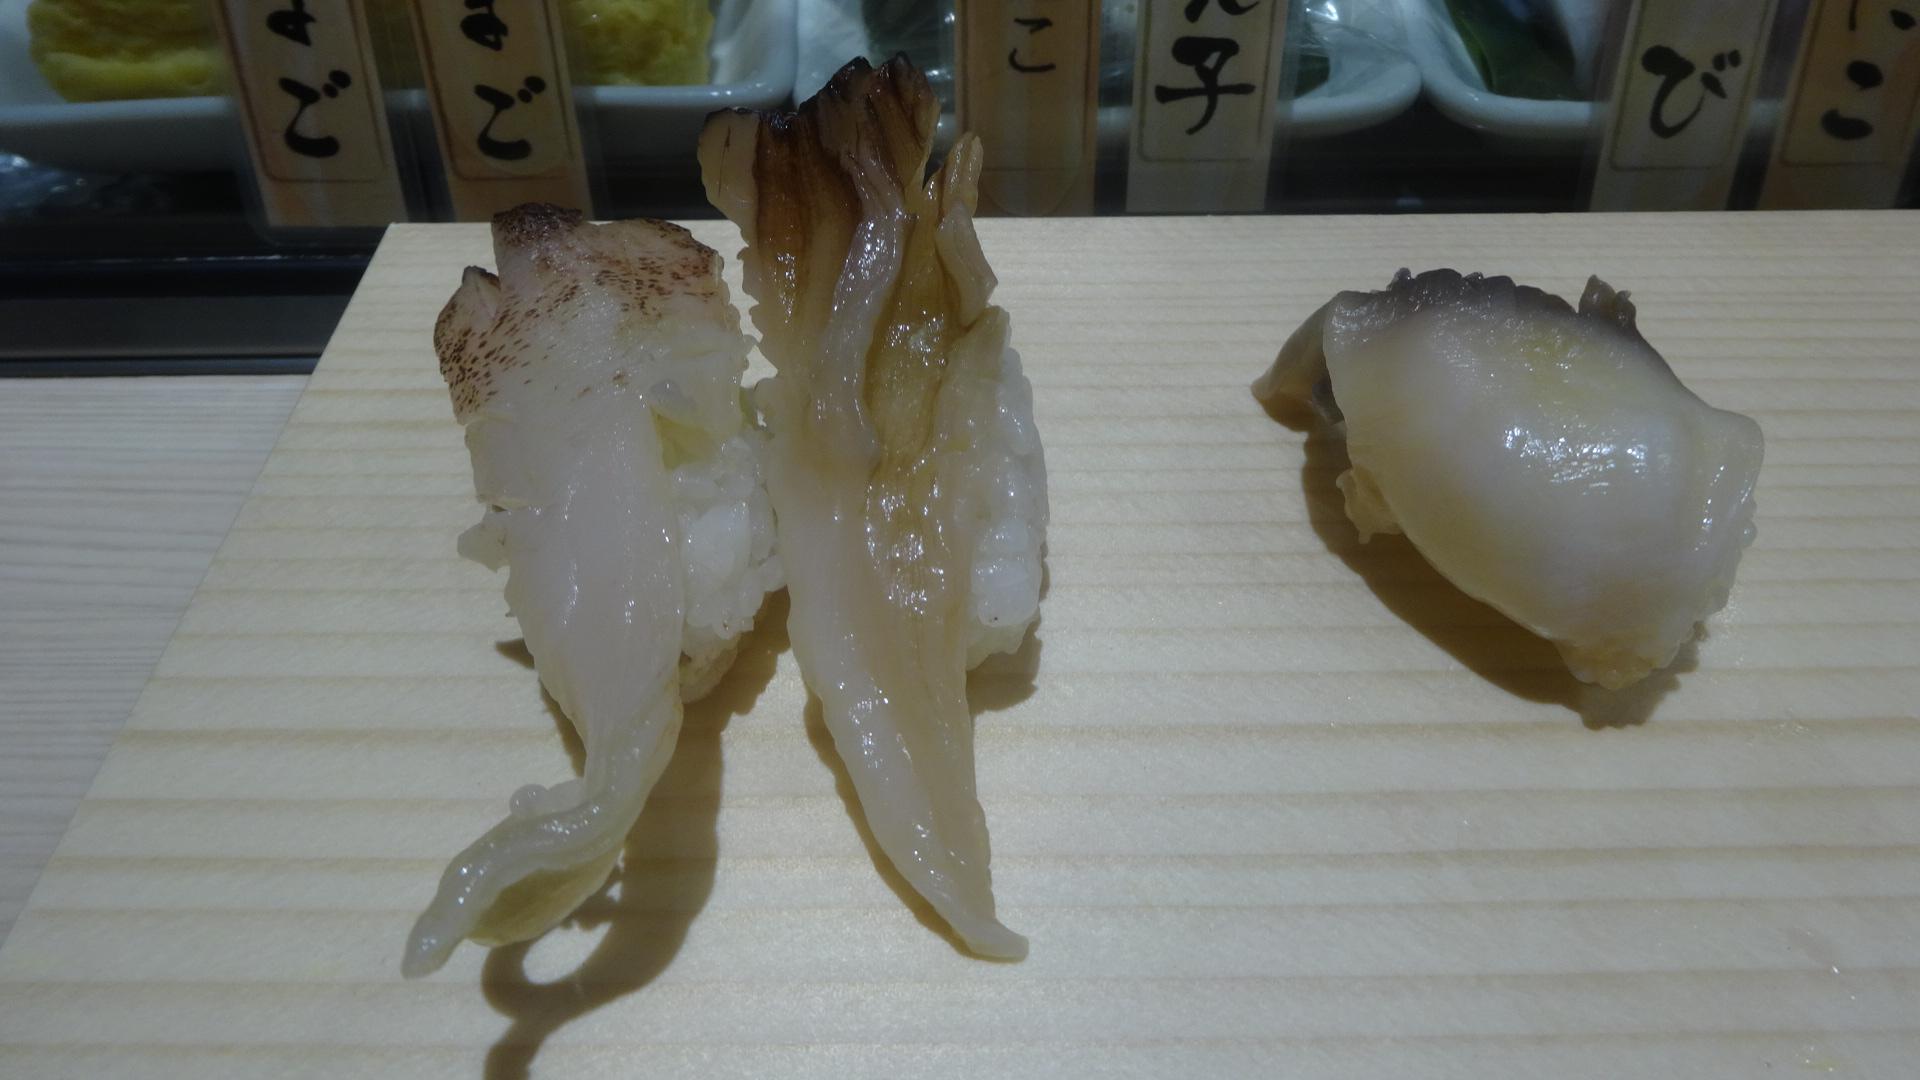 ホッキ みる貝 赤貝 とり貝の握りの写真